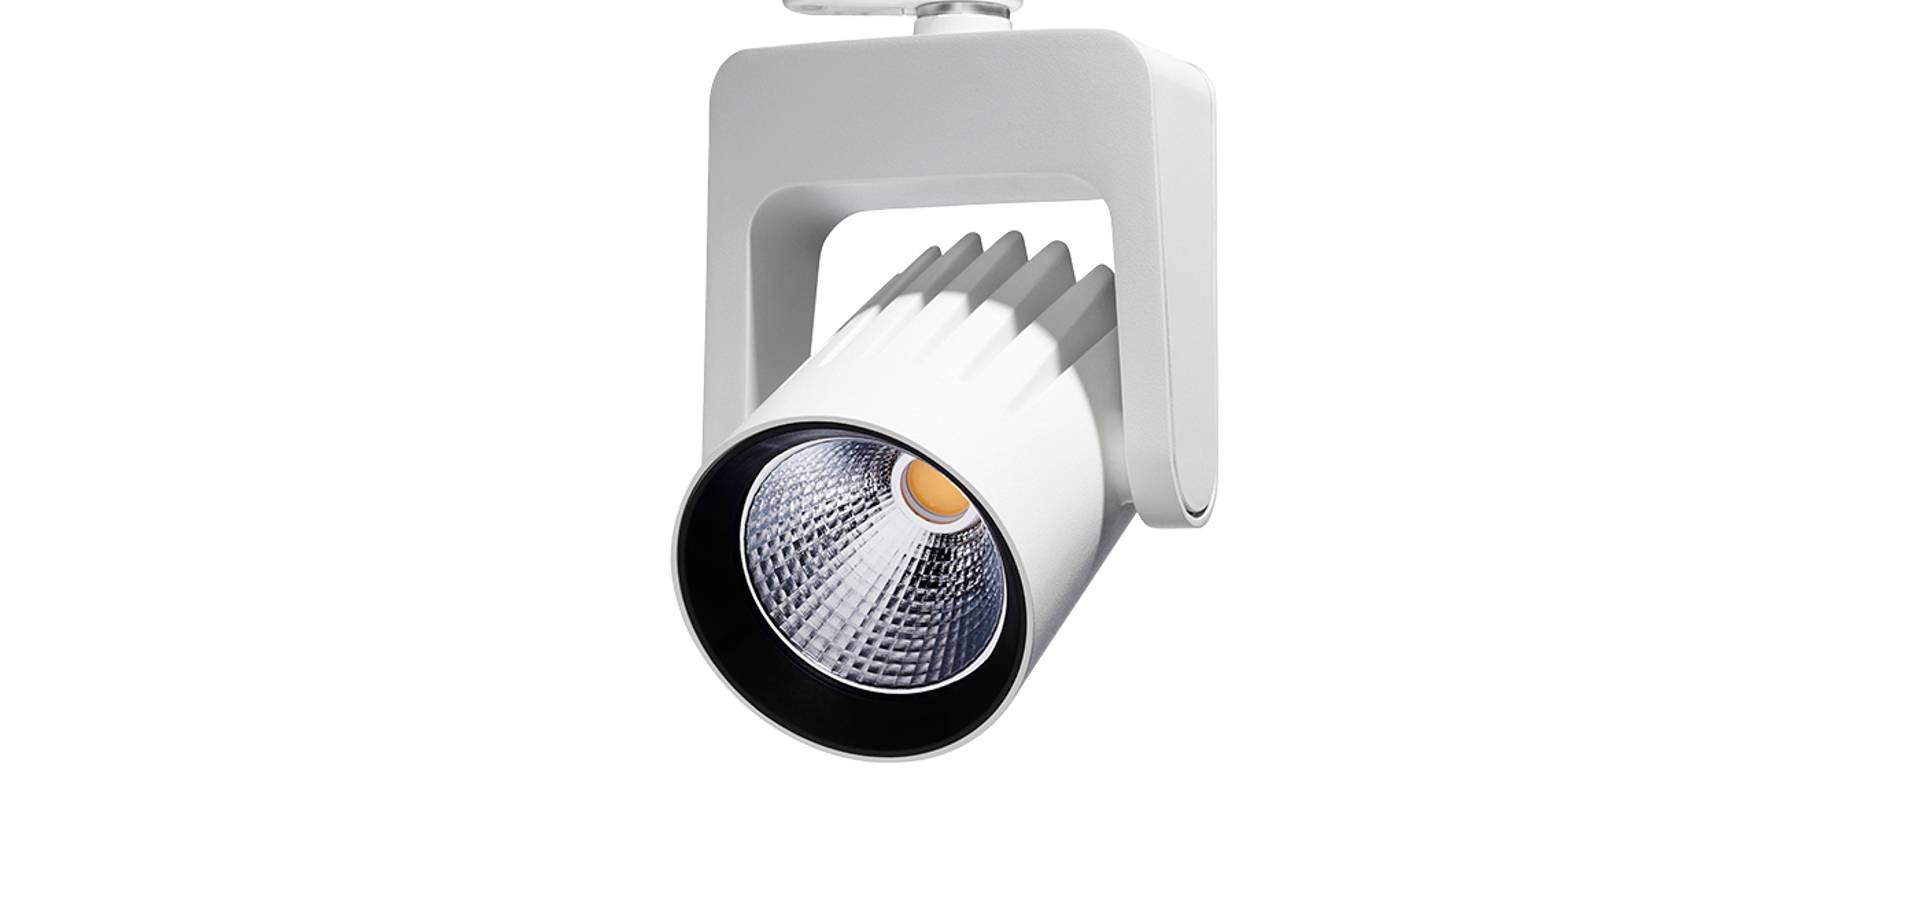 Glamox Luxo Lighting GmbH